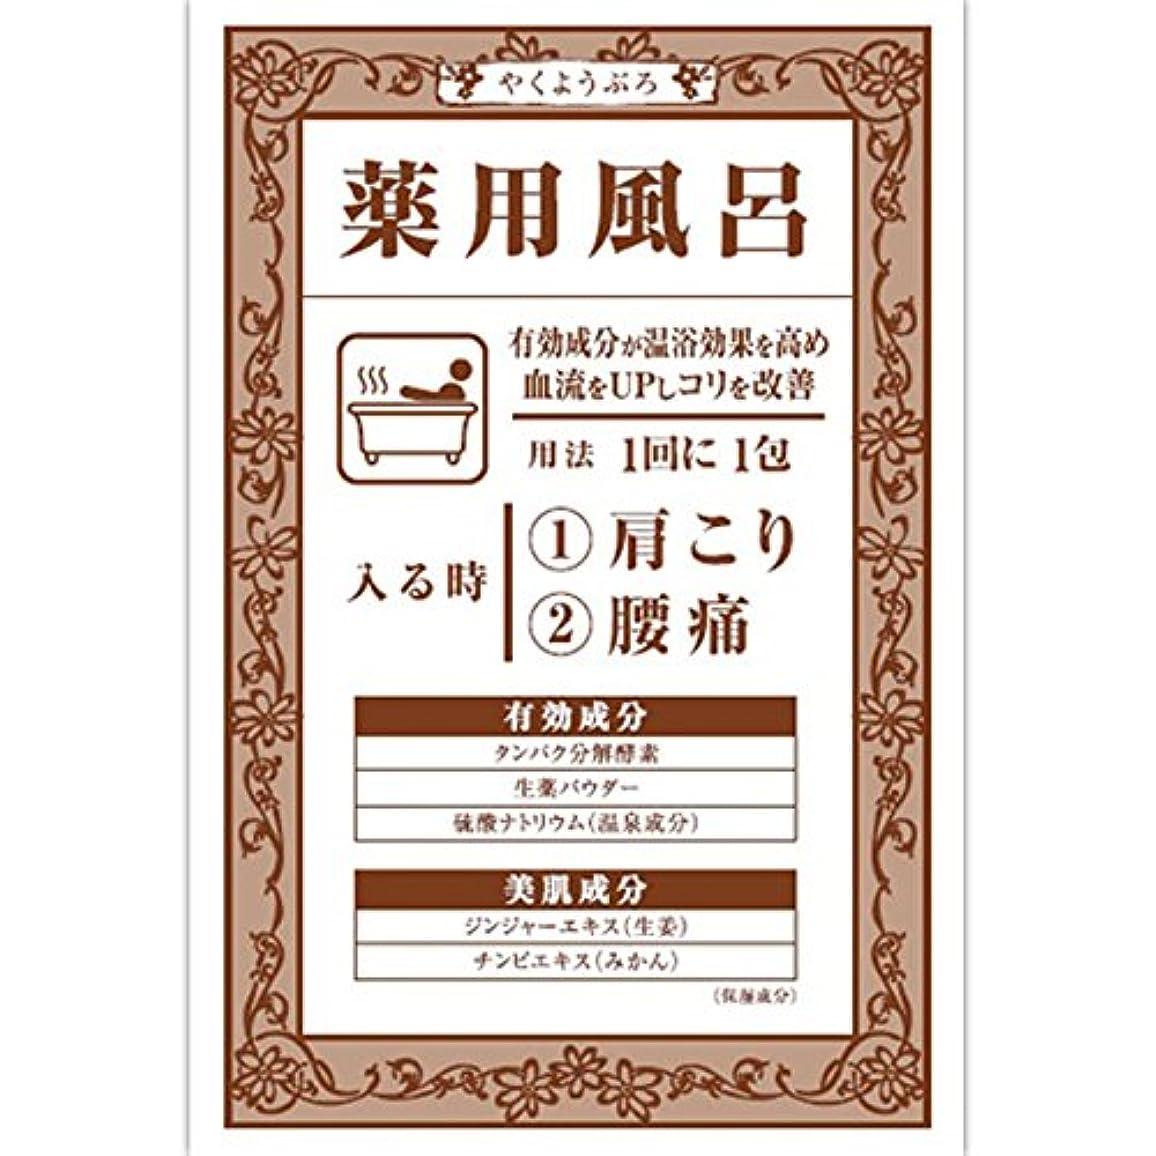 評論家インポート誇張大山 薬用風呂KKa(肩こり?腰痛) 40G(医薬部外品)